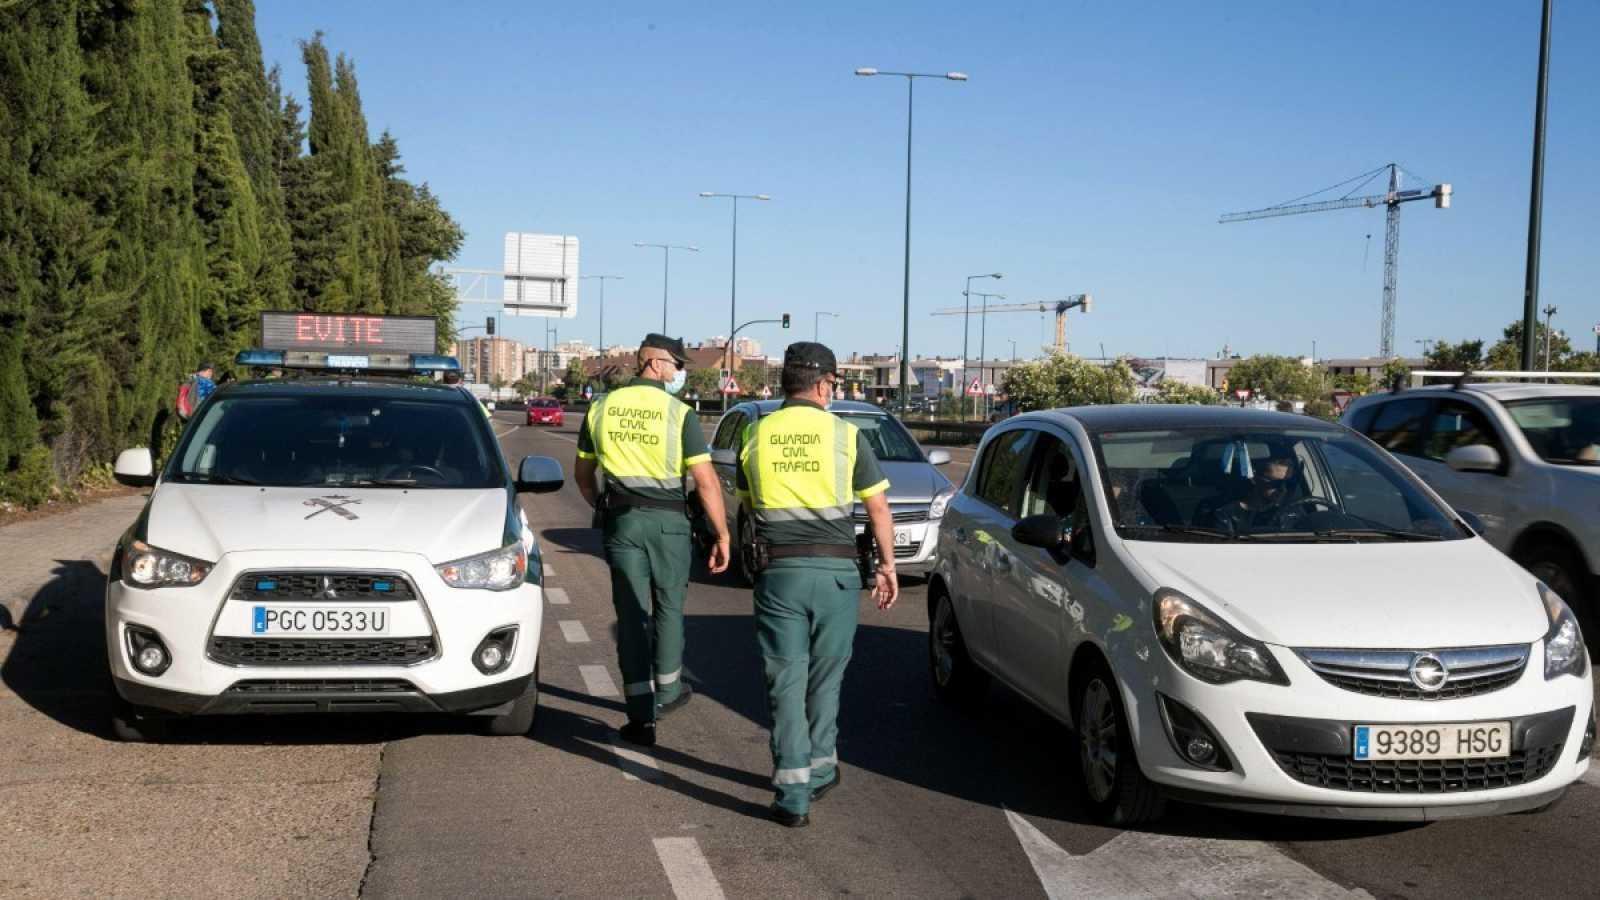 Agentes de la Guardia Civil realizan un control de tráfico en Zaragoza.